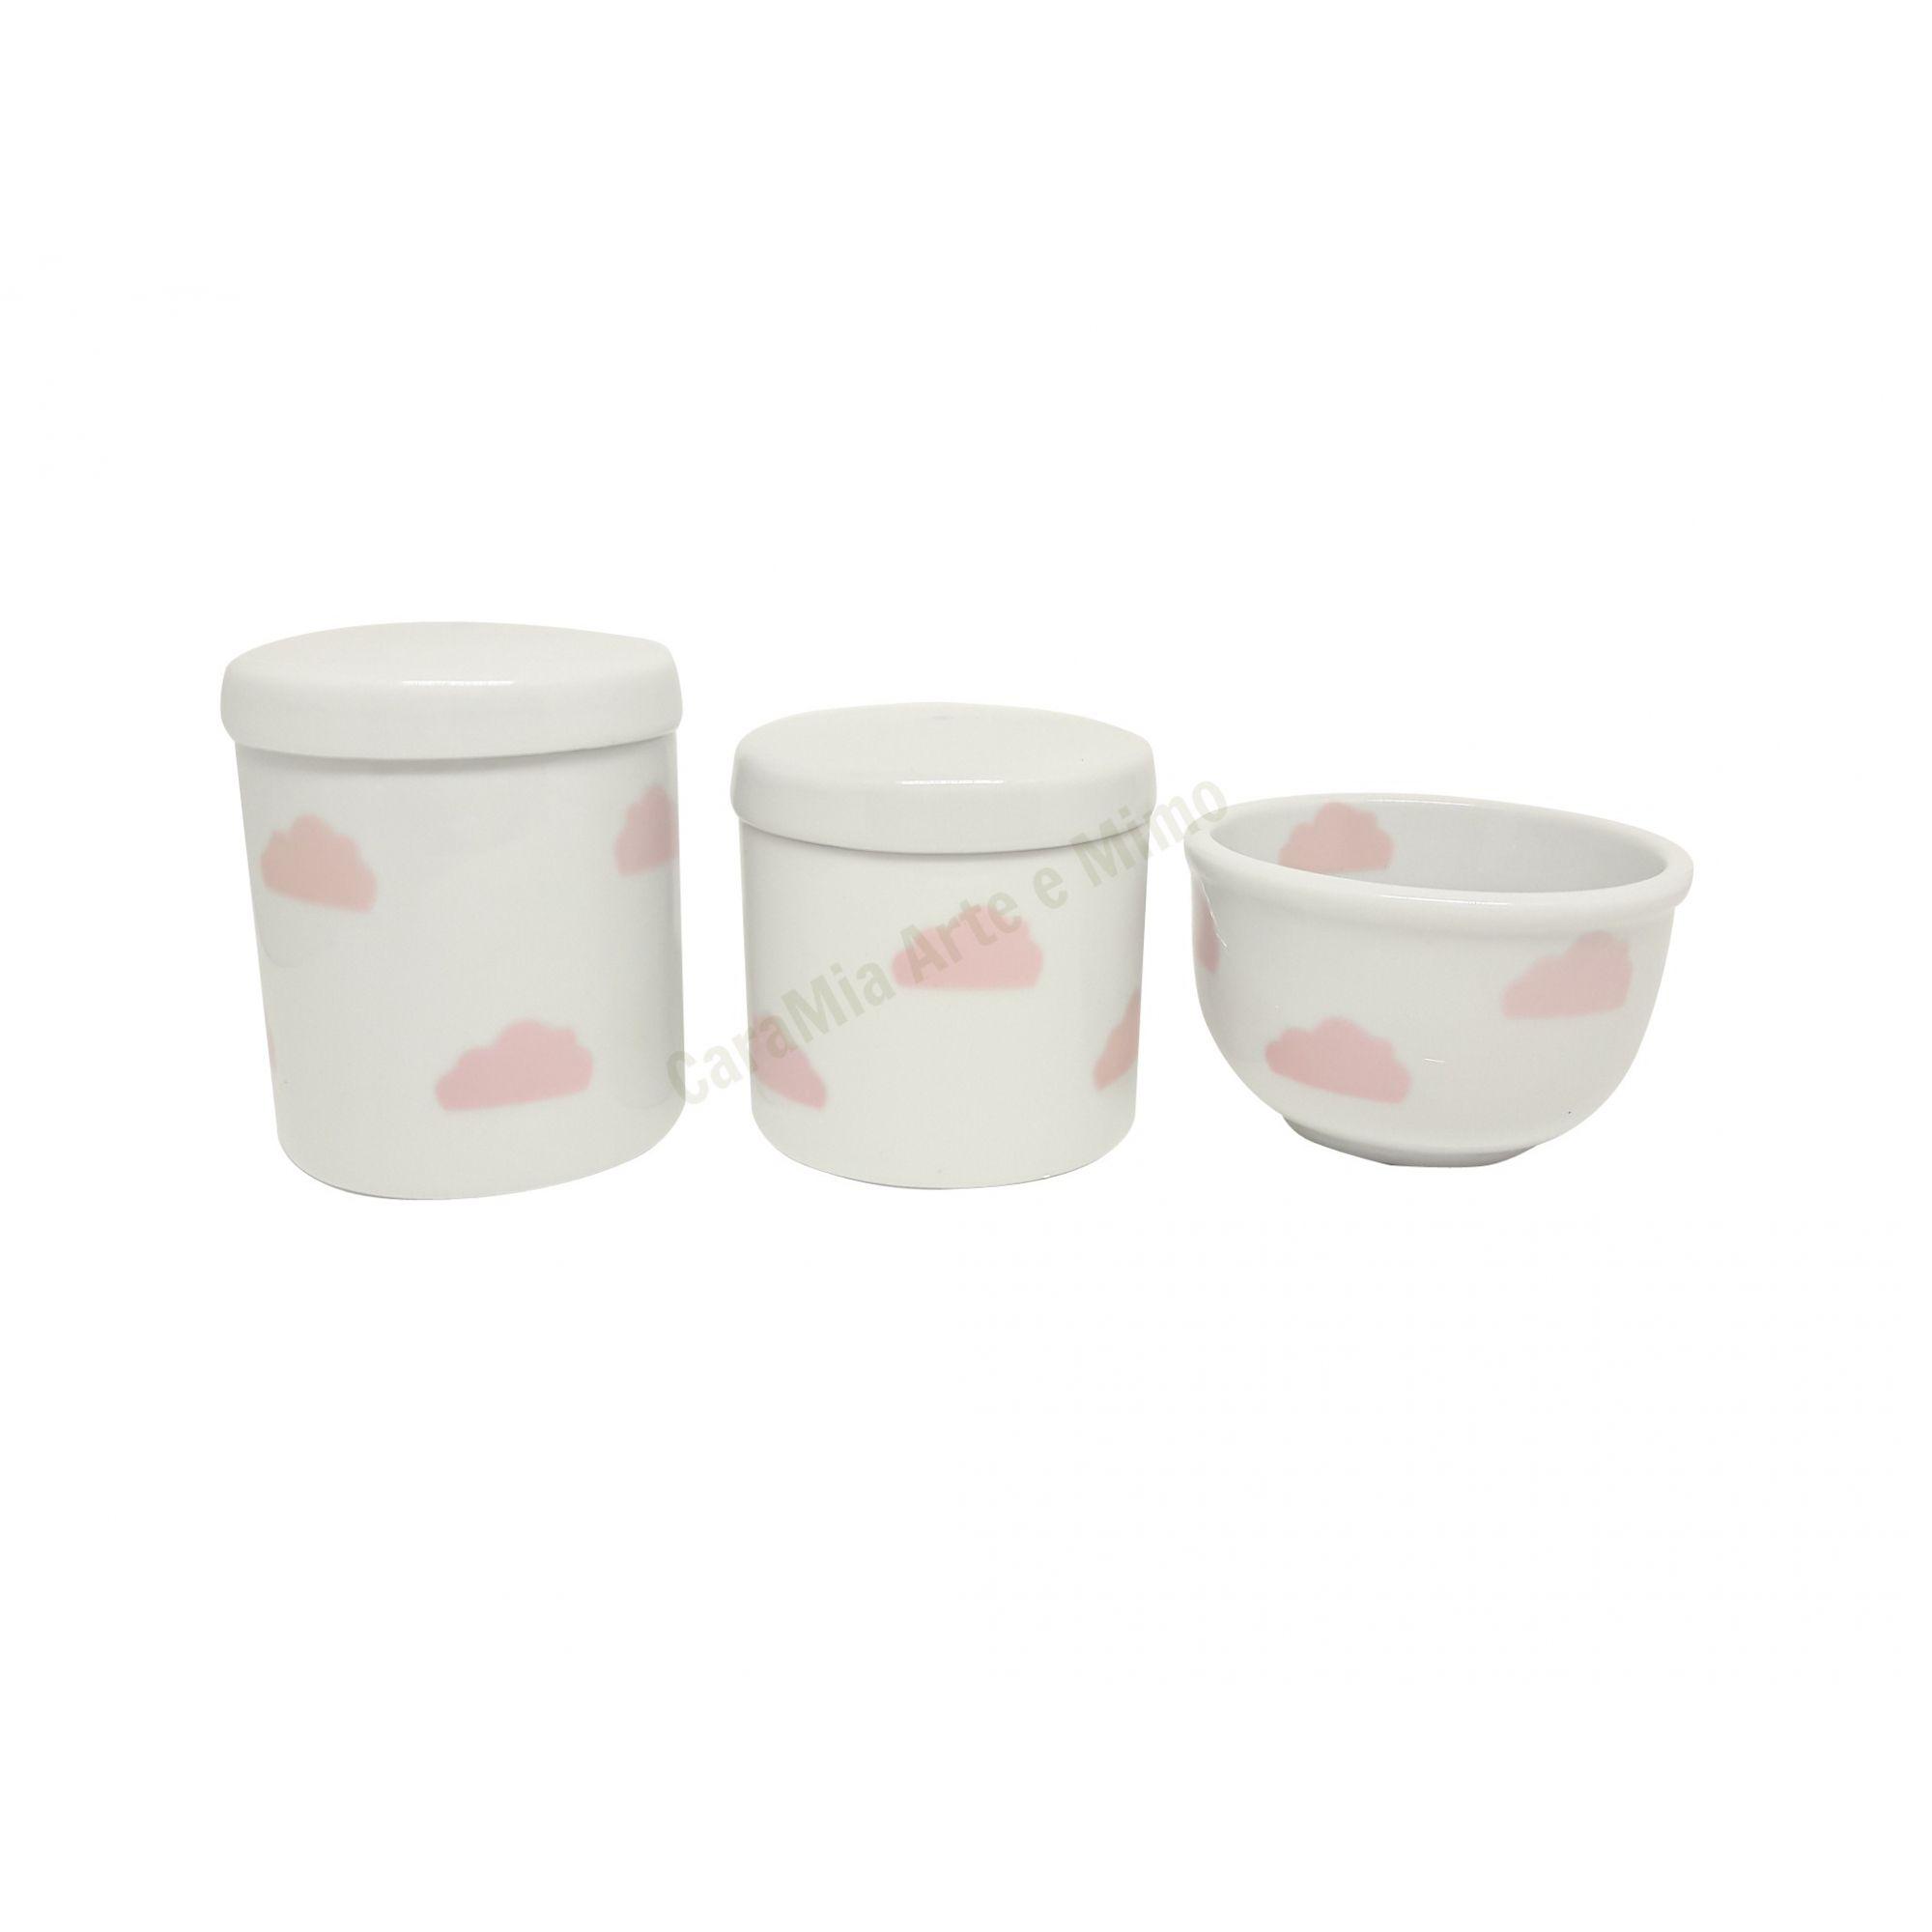 Kit Higiene Bebê Porcelana | Nuvem Rosa | Tampas Brancas com nuvens